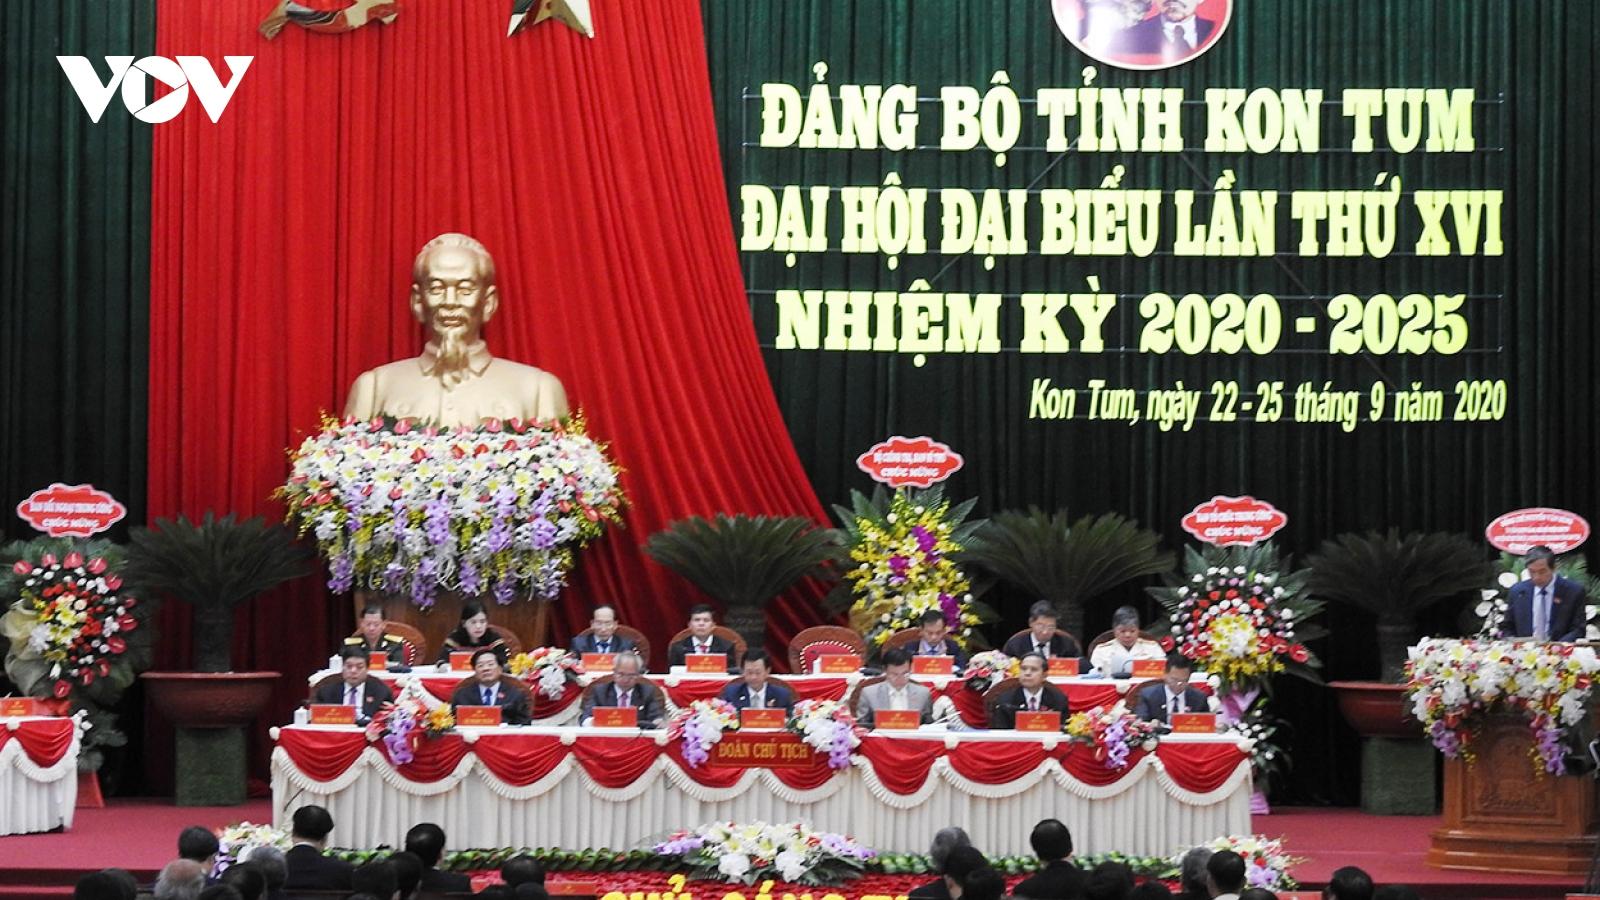 Đảng bộ tỉnh đầu tiên ở khu vực Tây Nguyên chính thức khai mạc